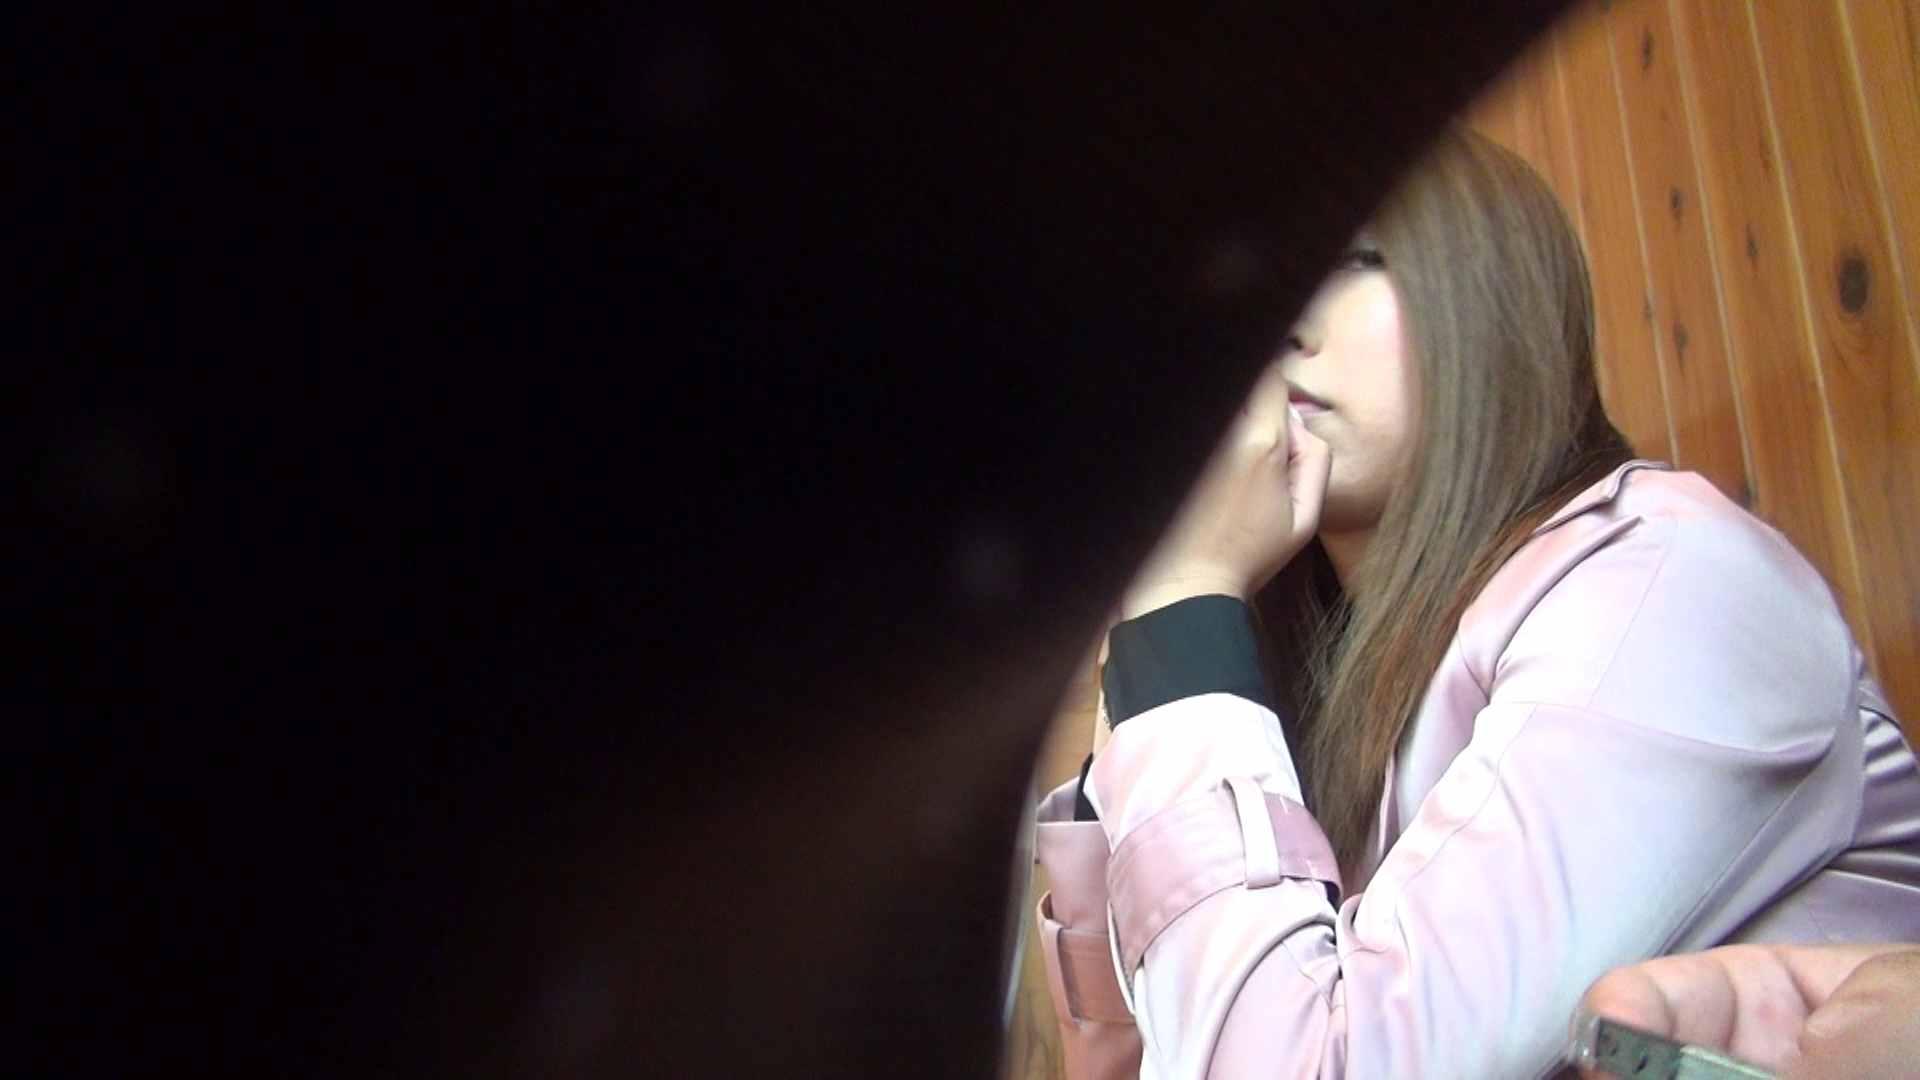 episode1 ヒロトさんと保険外交員との顔合わせ リアル・マンコ AV無料動画キャプチャ 71pic 58